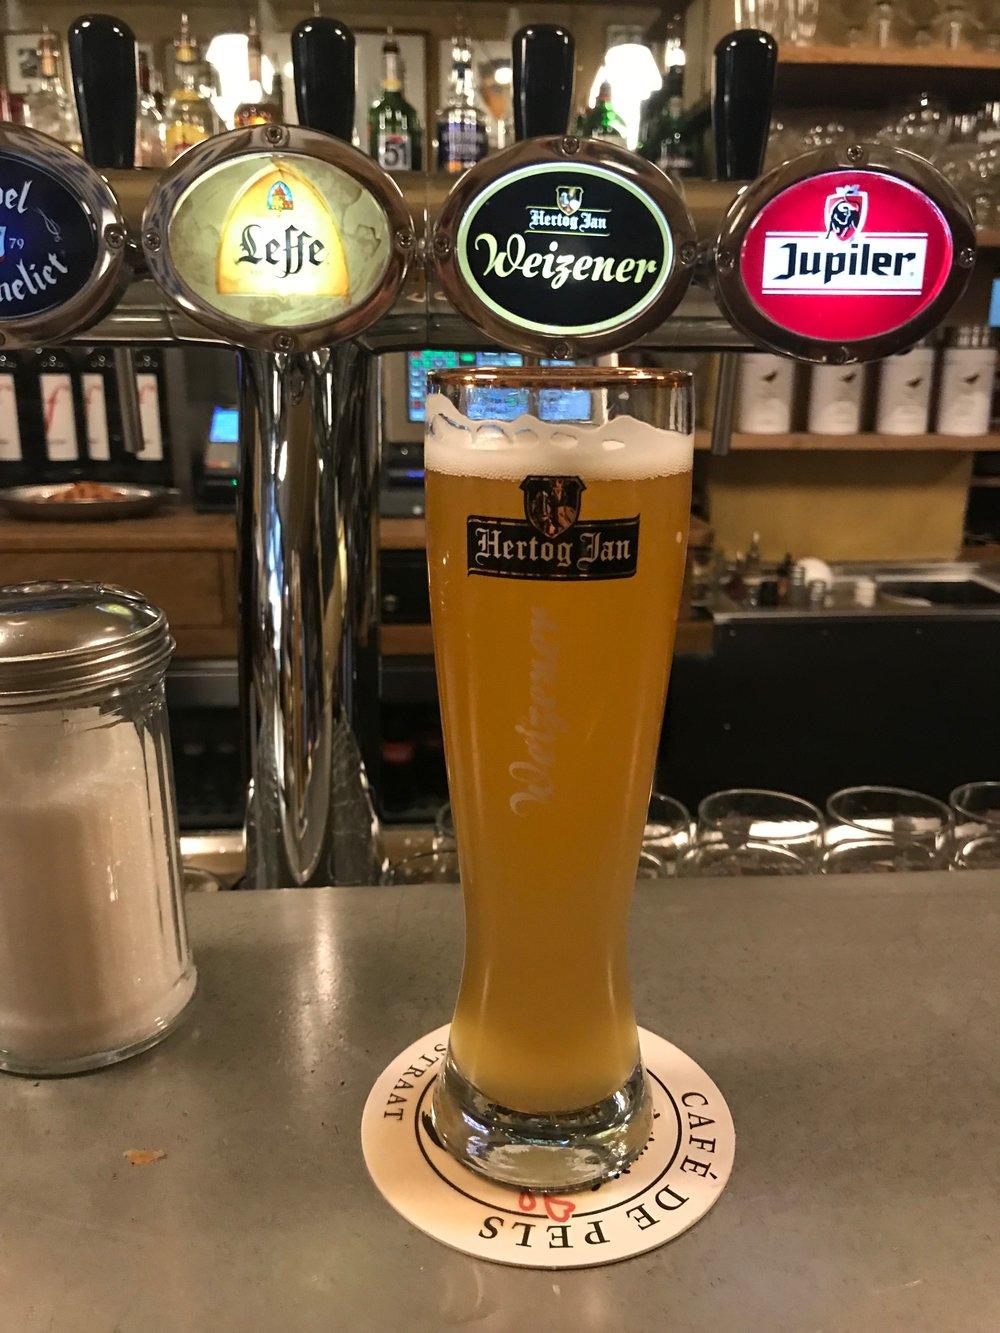 Cafe de Pels Dutch beer